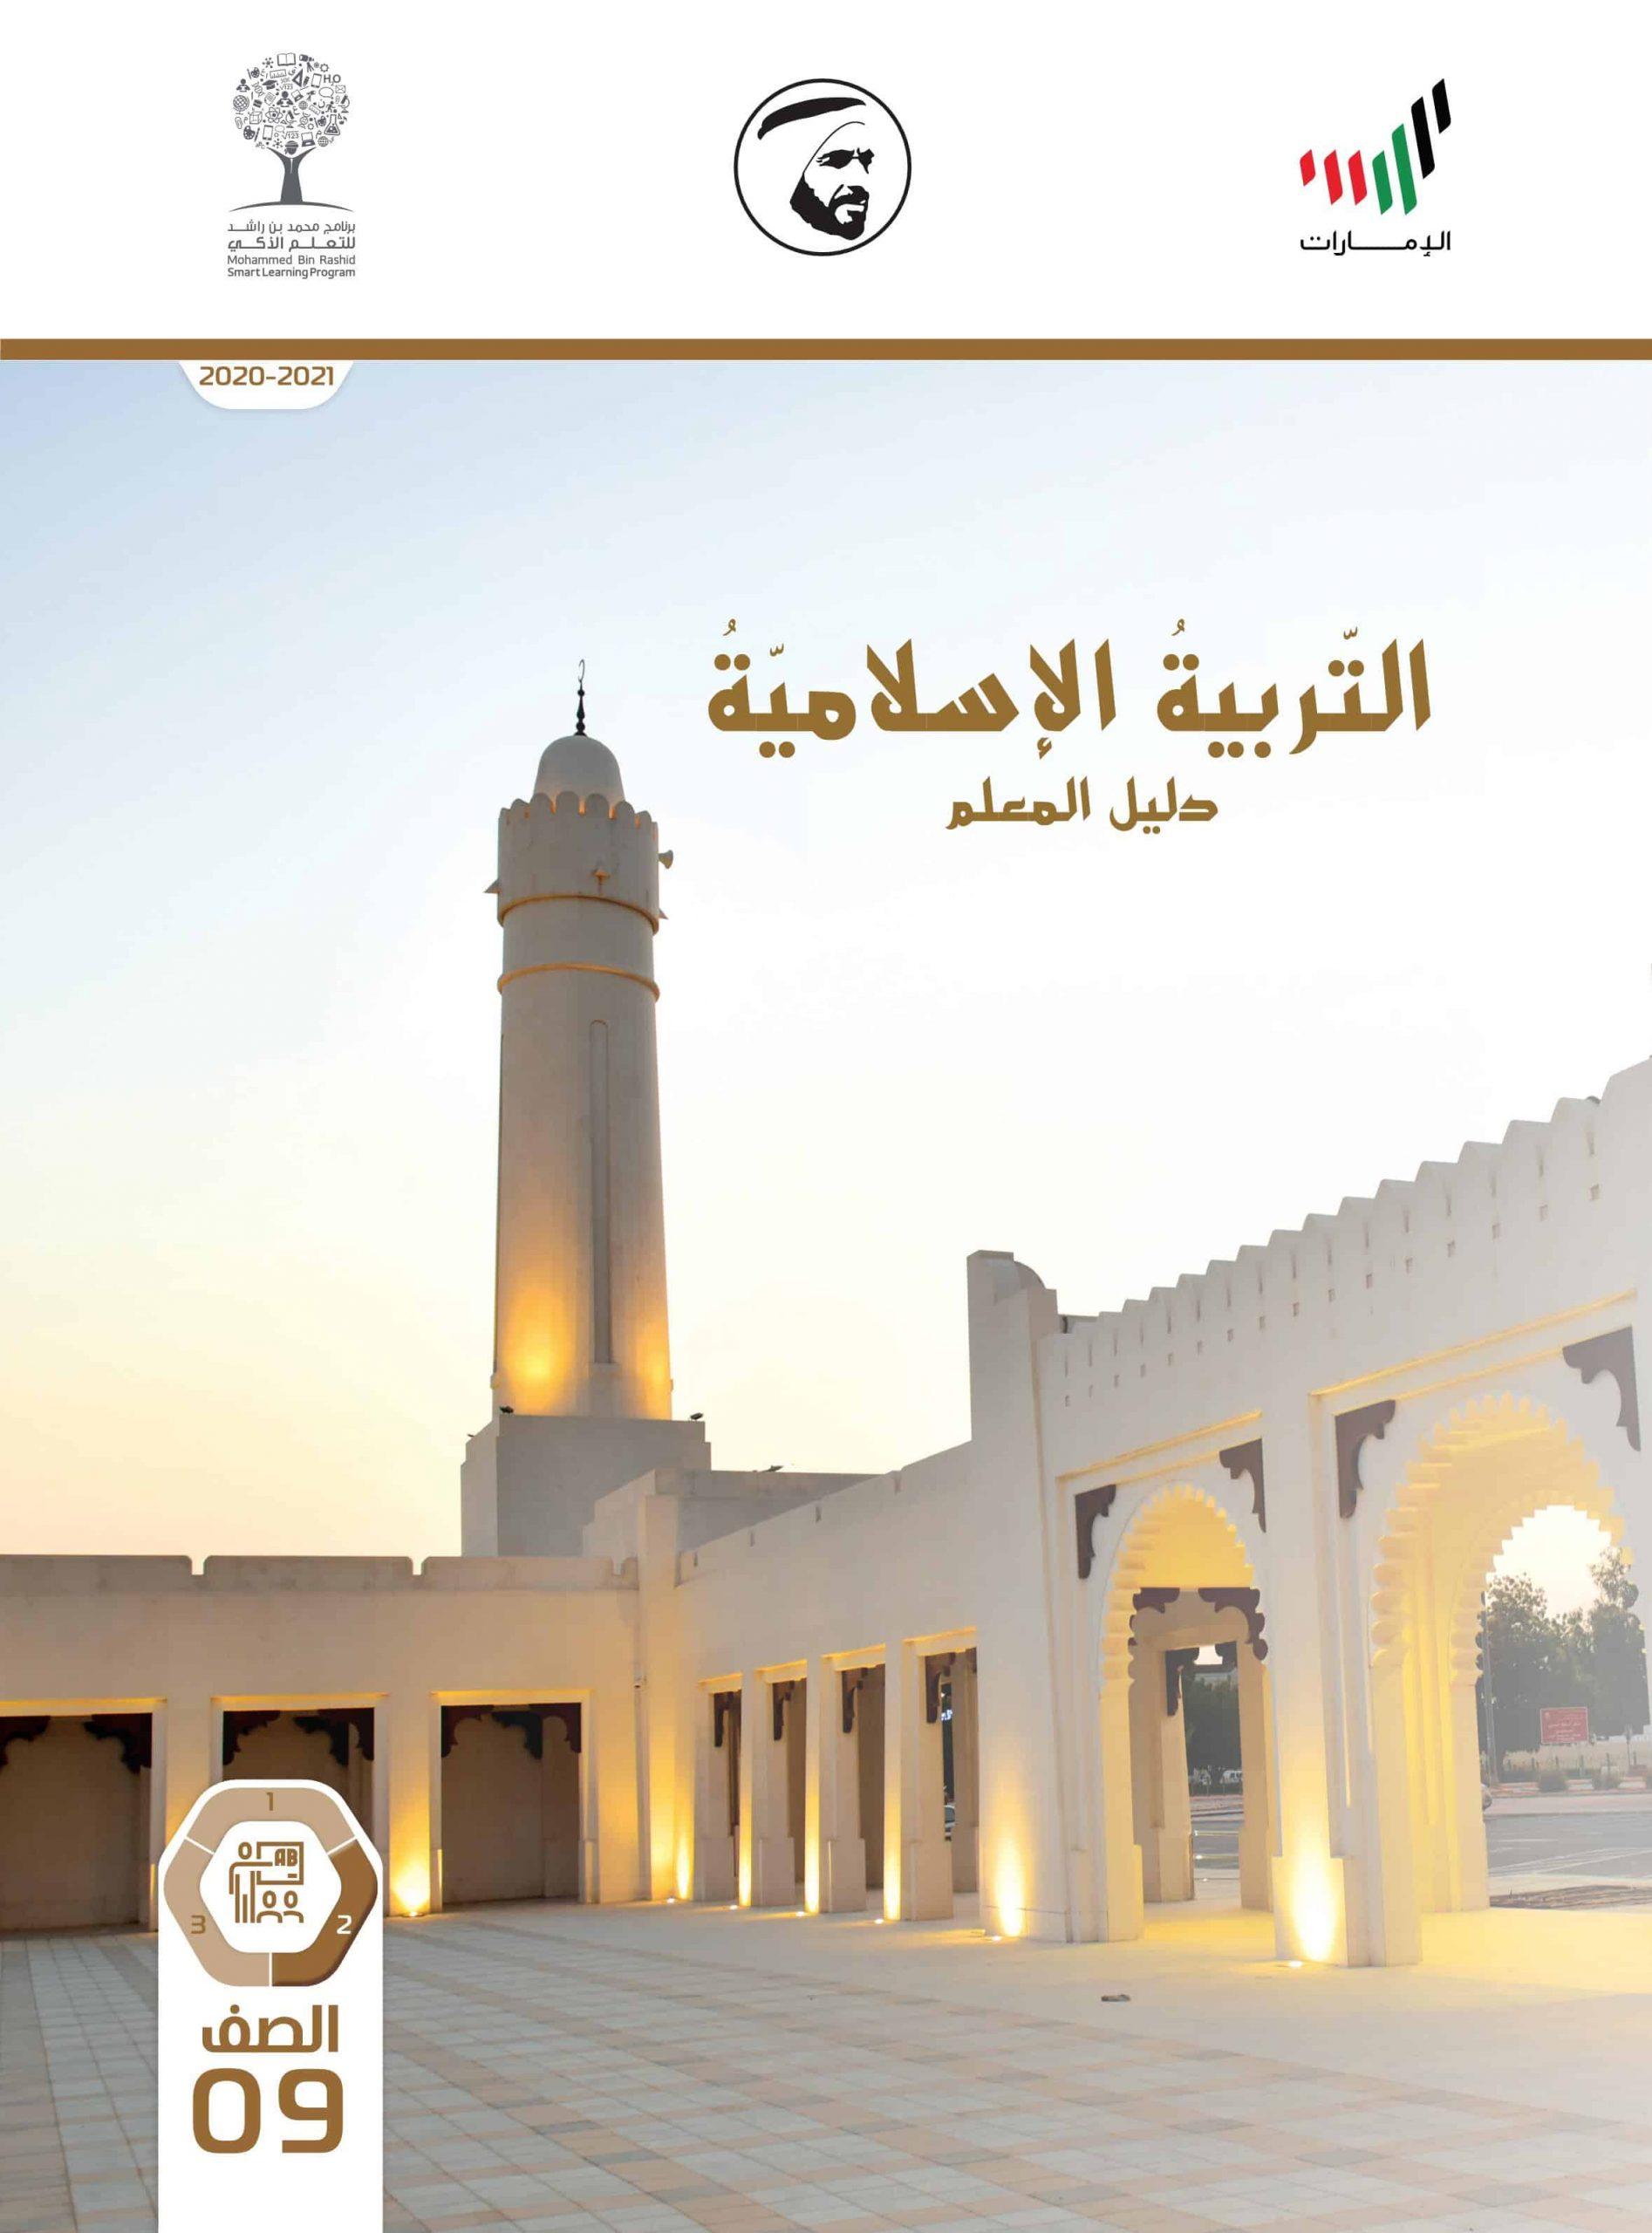 دليل المعلم الفصل الدراسي الثاني 2020-2021 الصف التاسع مادة التربية الاسلامية